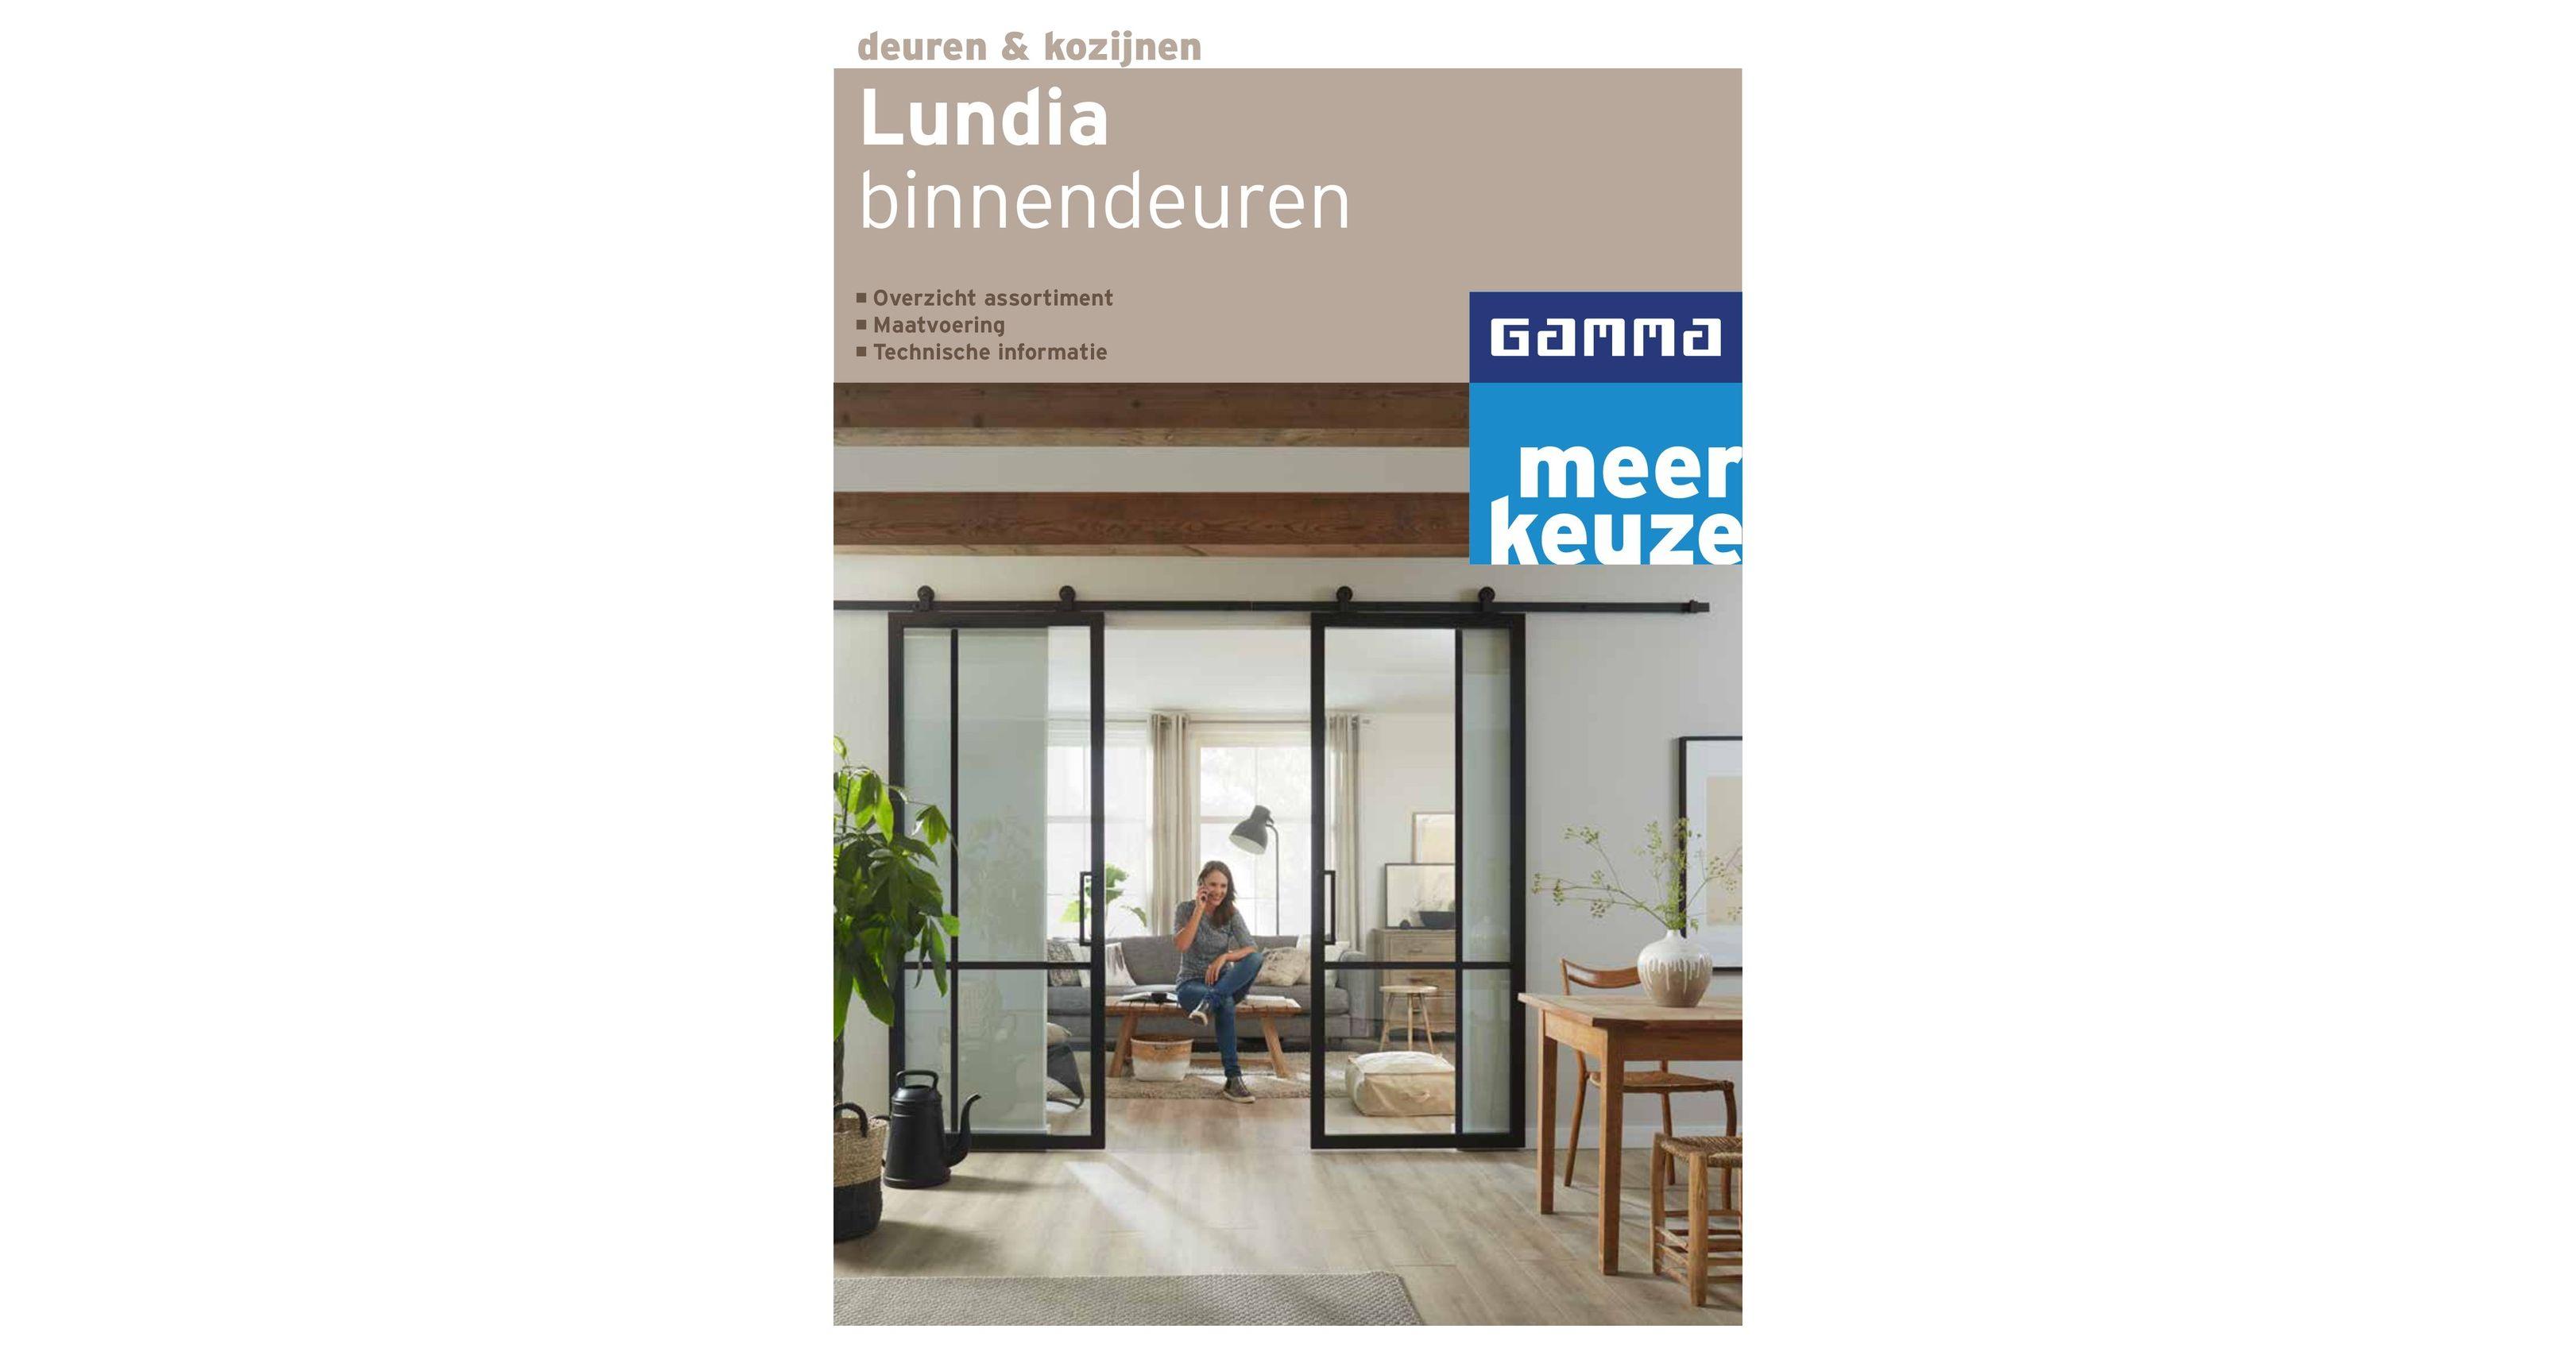 Landelijke Schuifdeuren Gamma.Lundia Gamma Binnendeuren Brochure Mei 2019